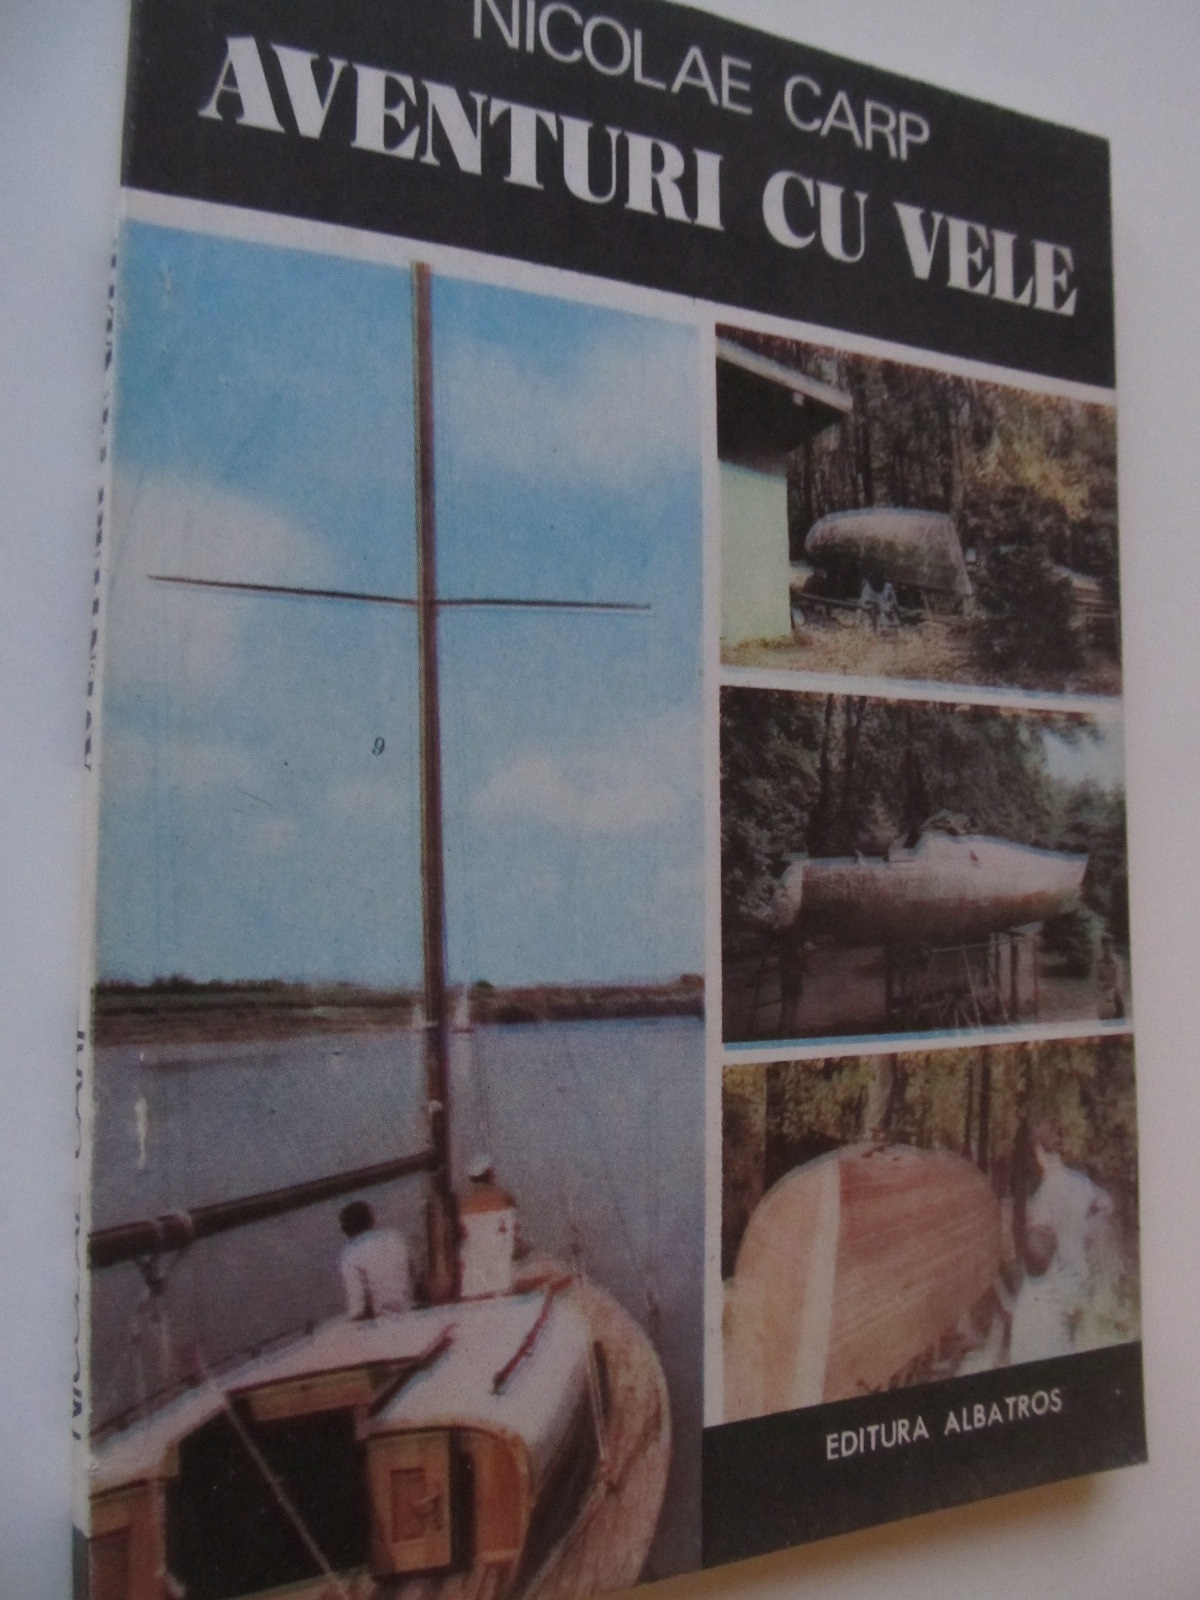 Aventuri cu vele - Nicolae Carp | Detalii carte